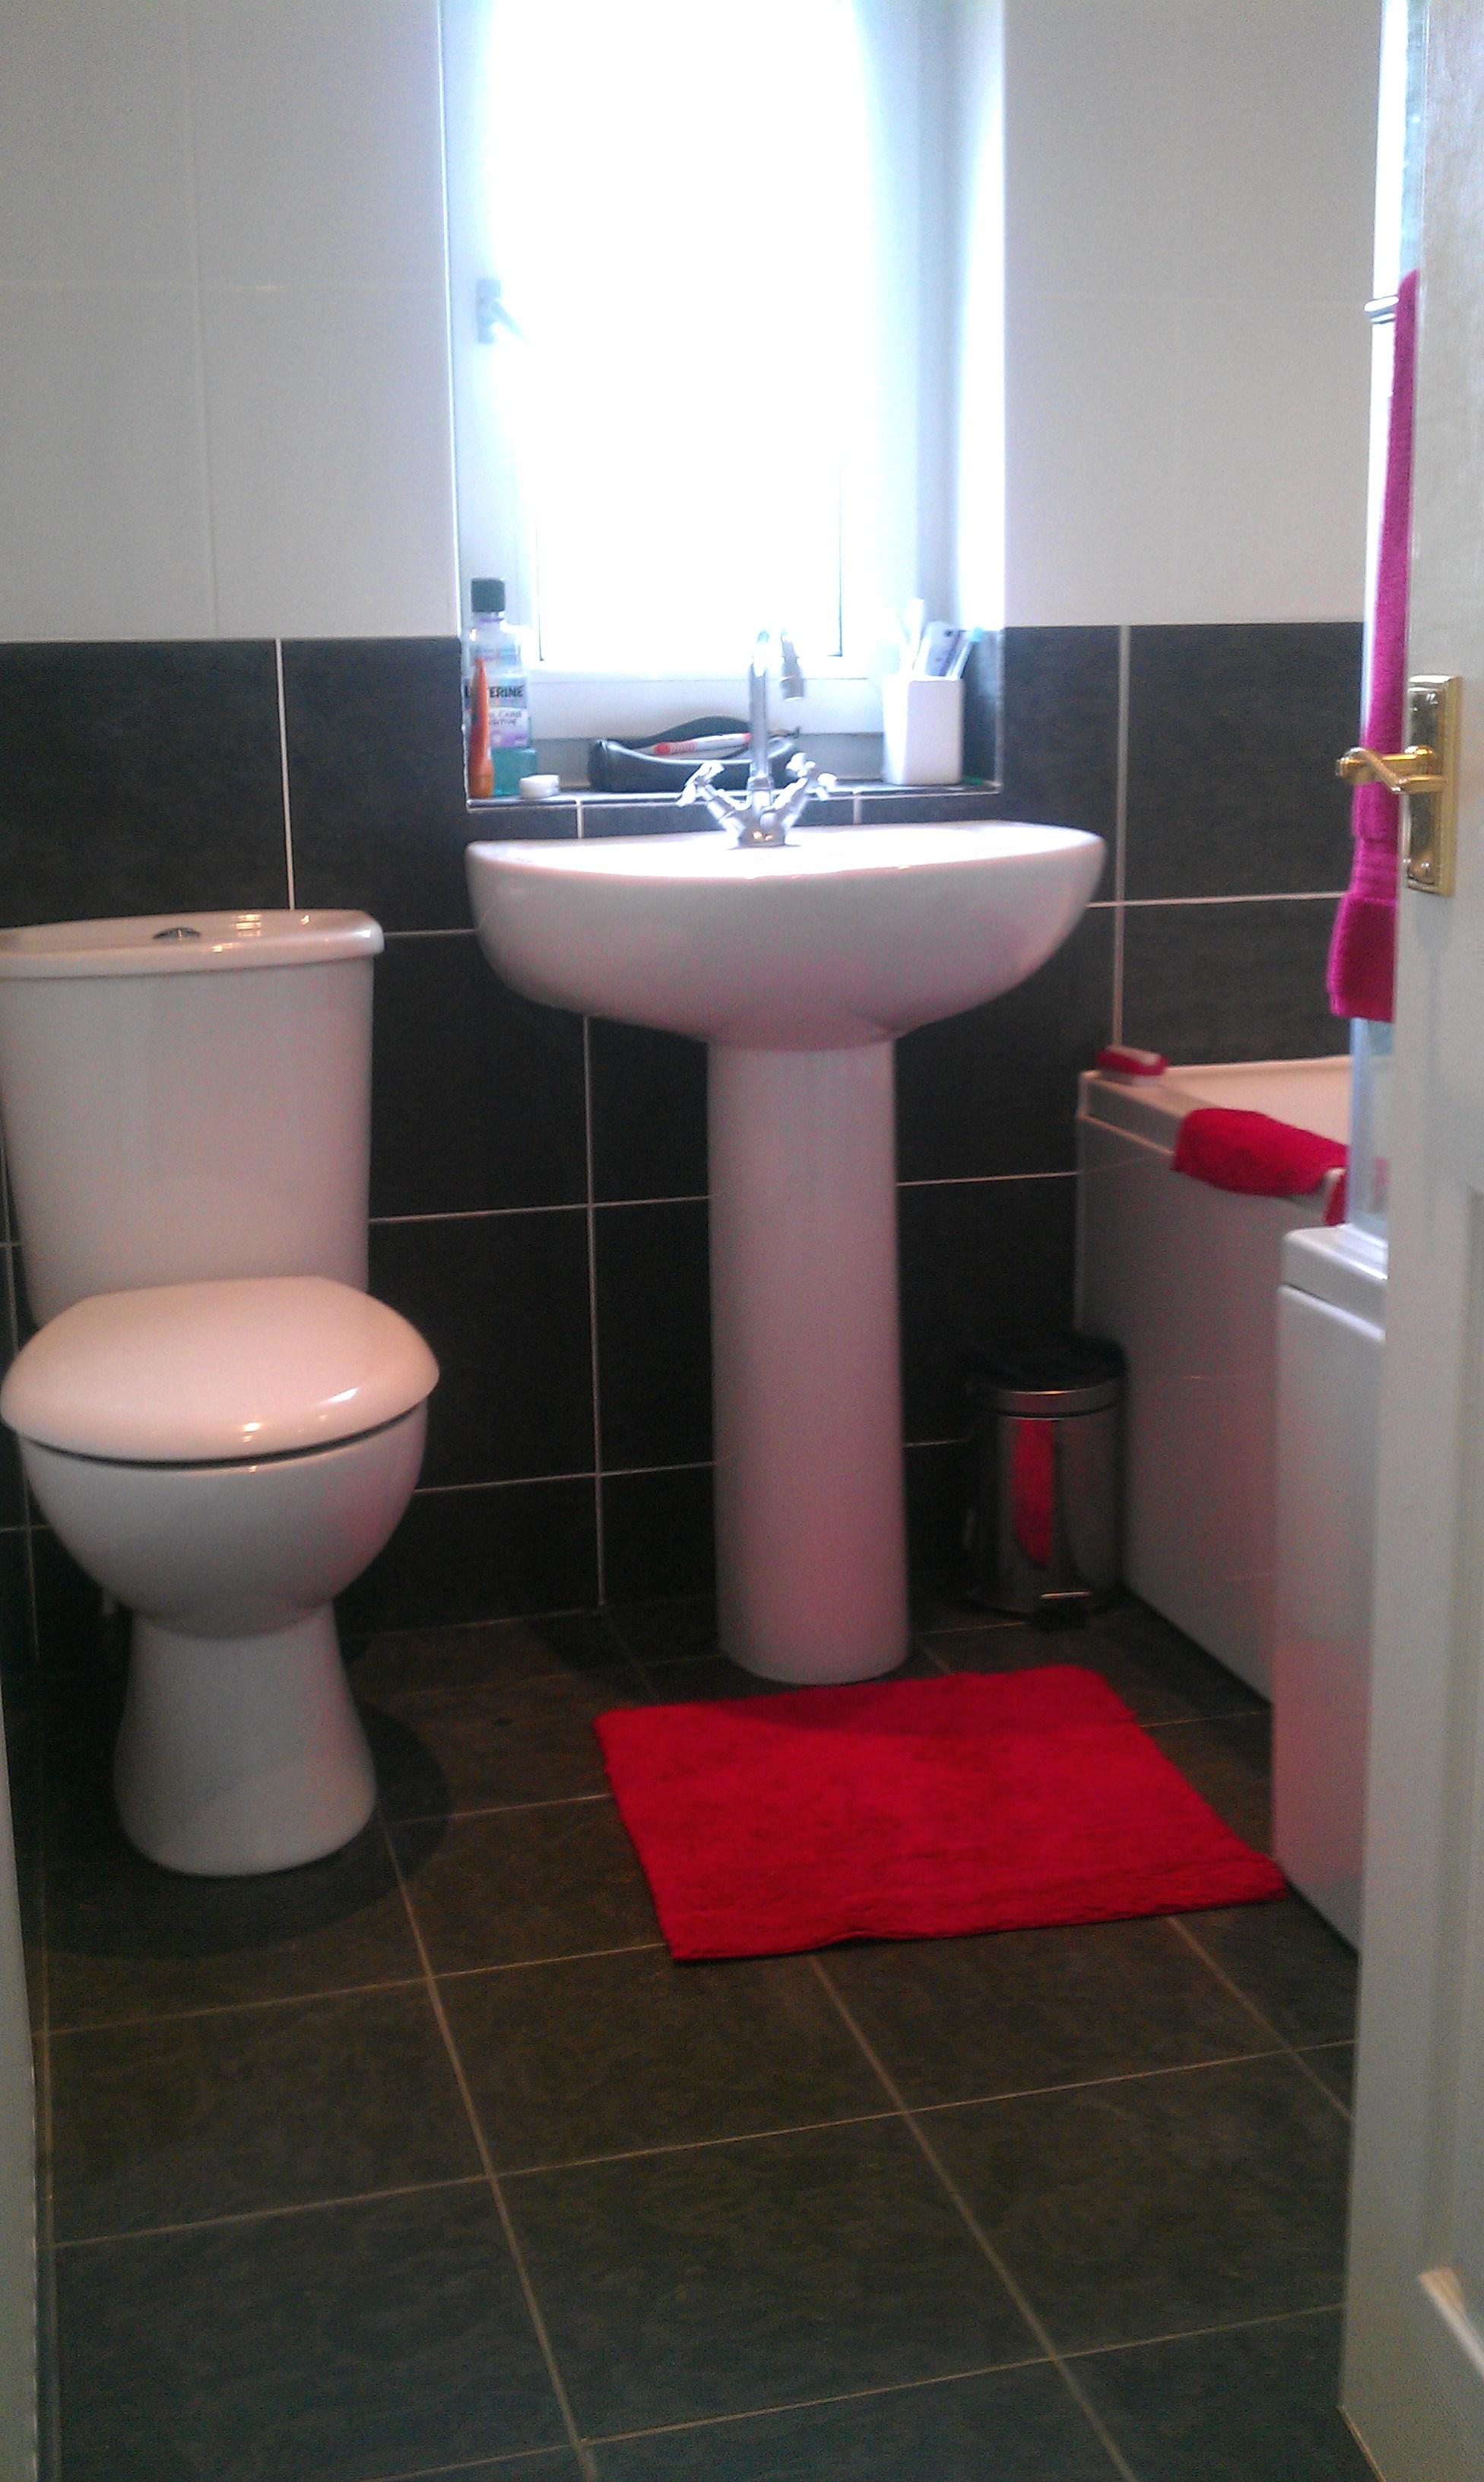 Innis bathroom 1.jpg